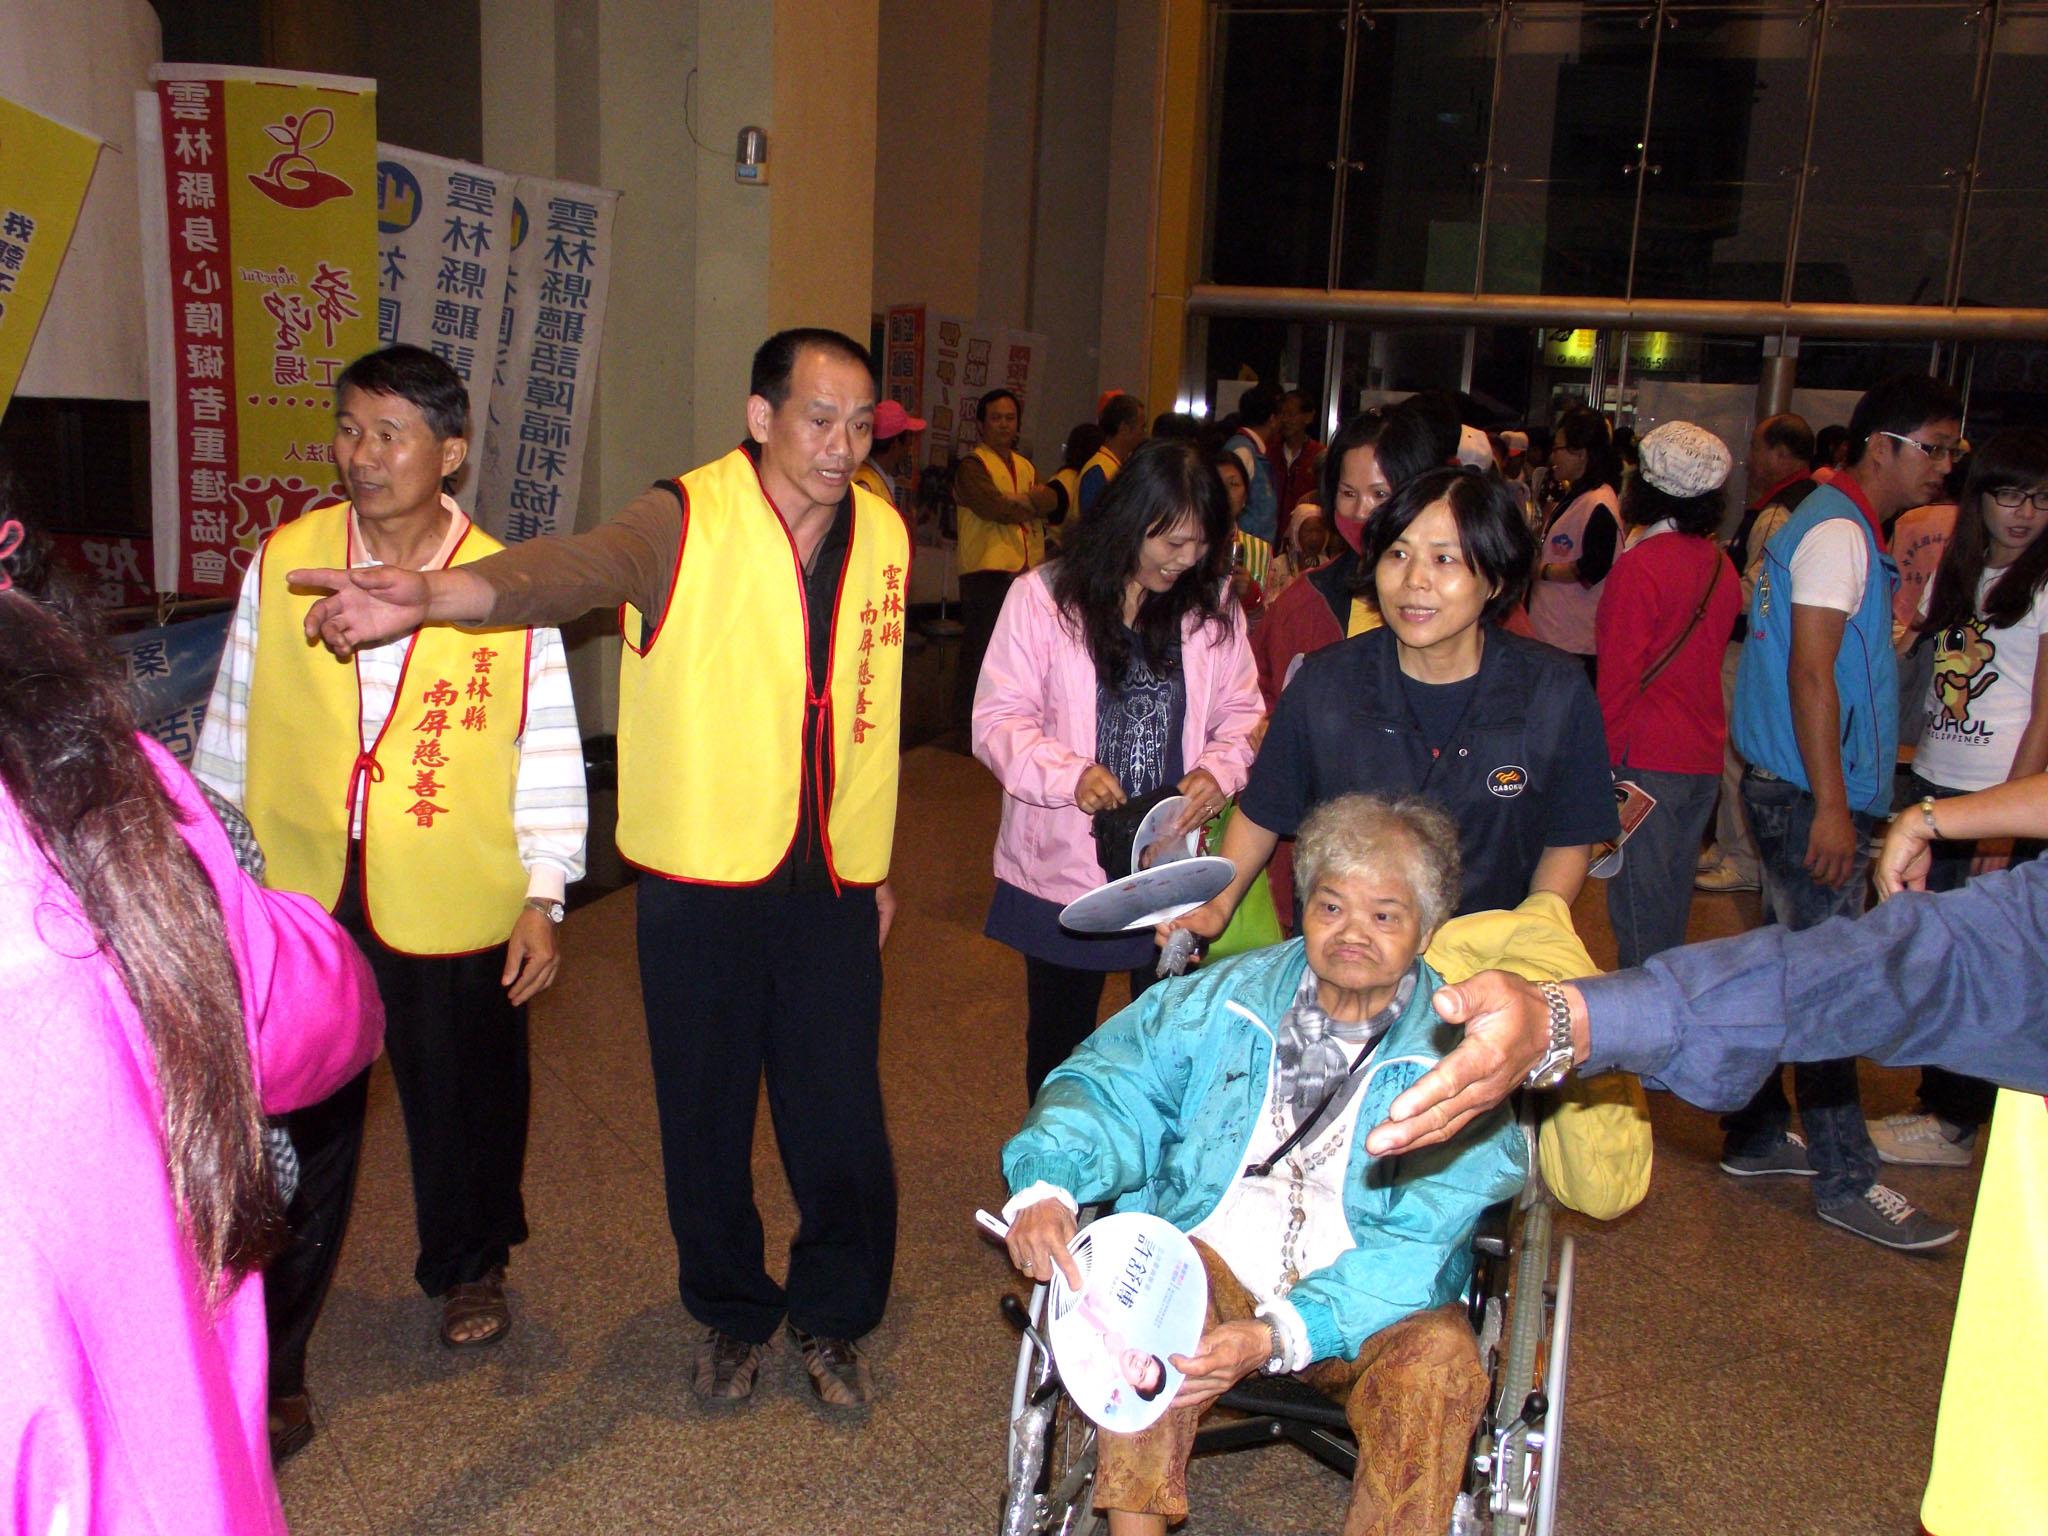 """▲貼心的設立""""老人禮遇通道""""讓行動不方便者以及年 長者備受尊重。"""